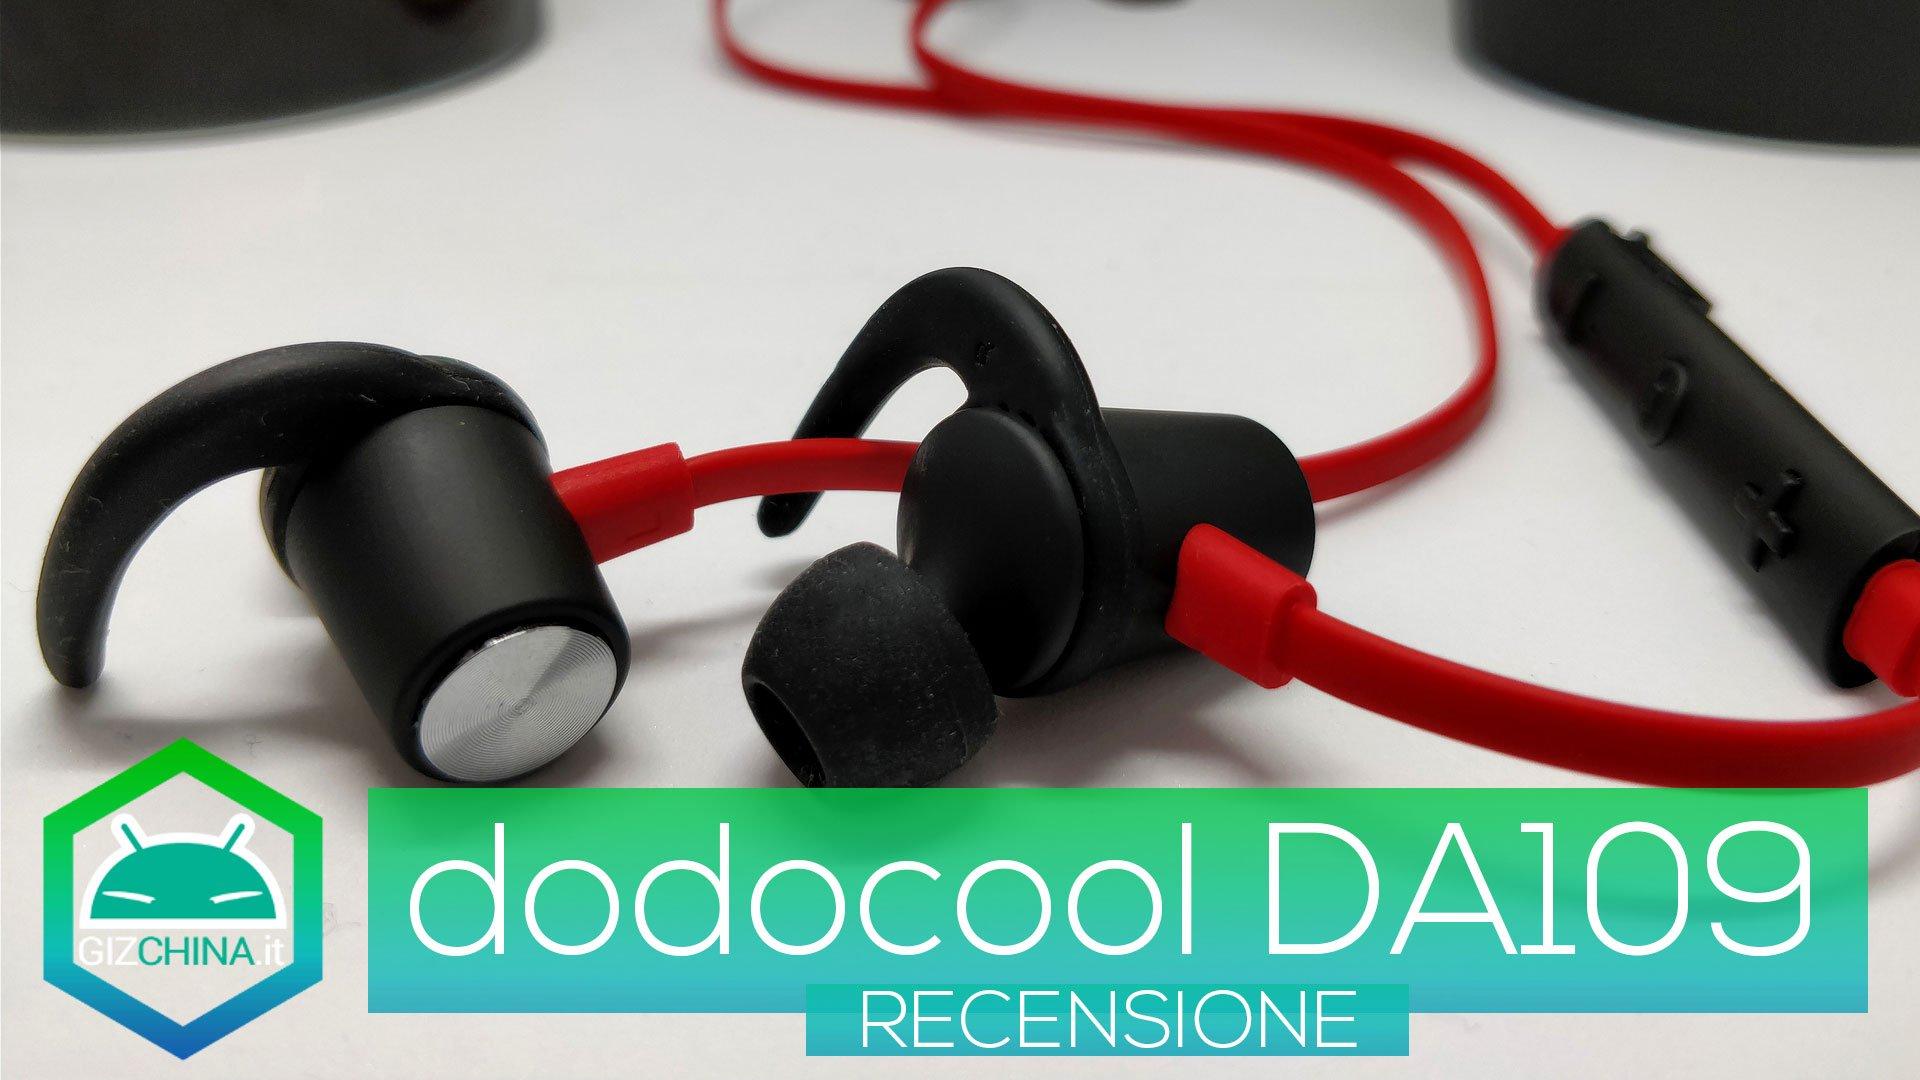 Recensione dodocool da109 cuffie bluetooth magneticheper lo sport - Cuffie per sport ...